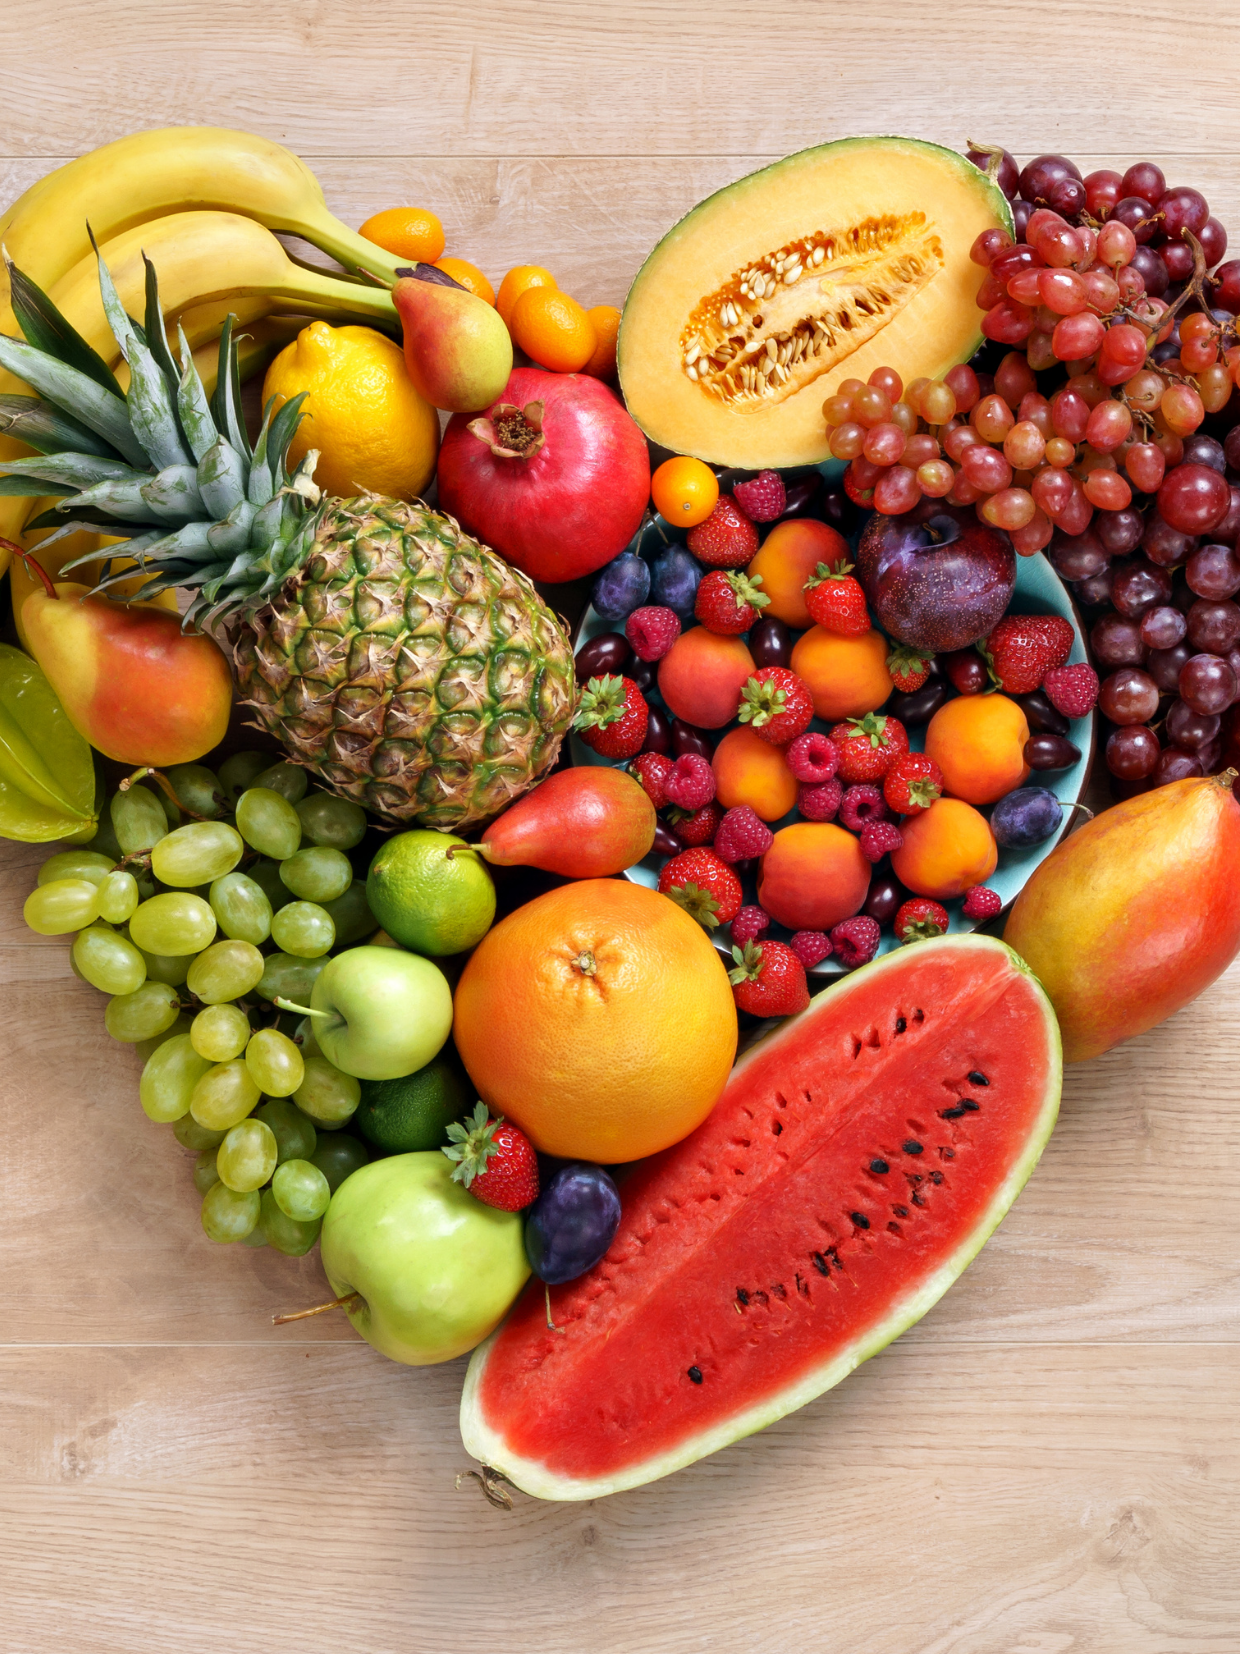 Fruit in Heart Shape